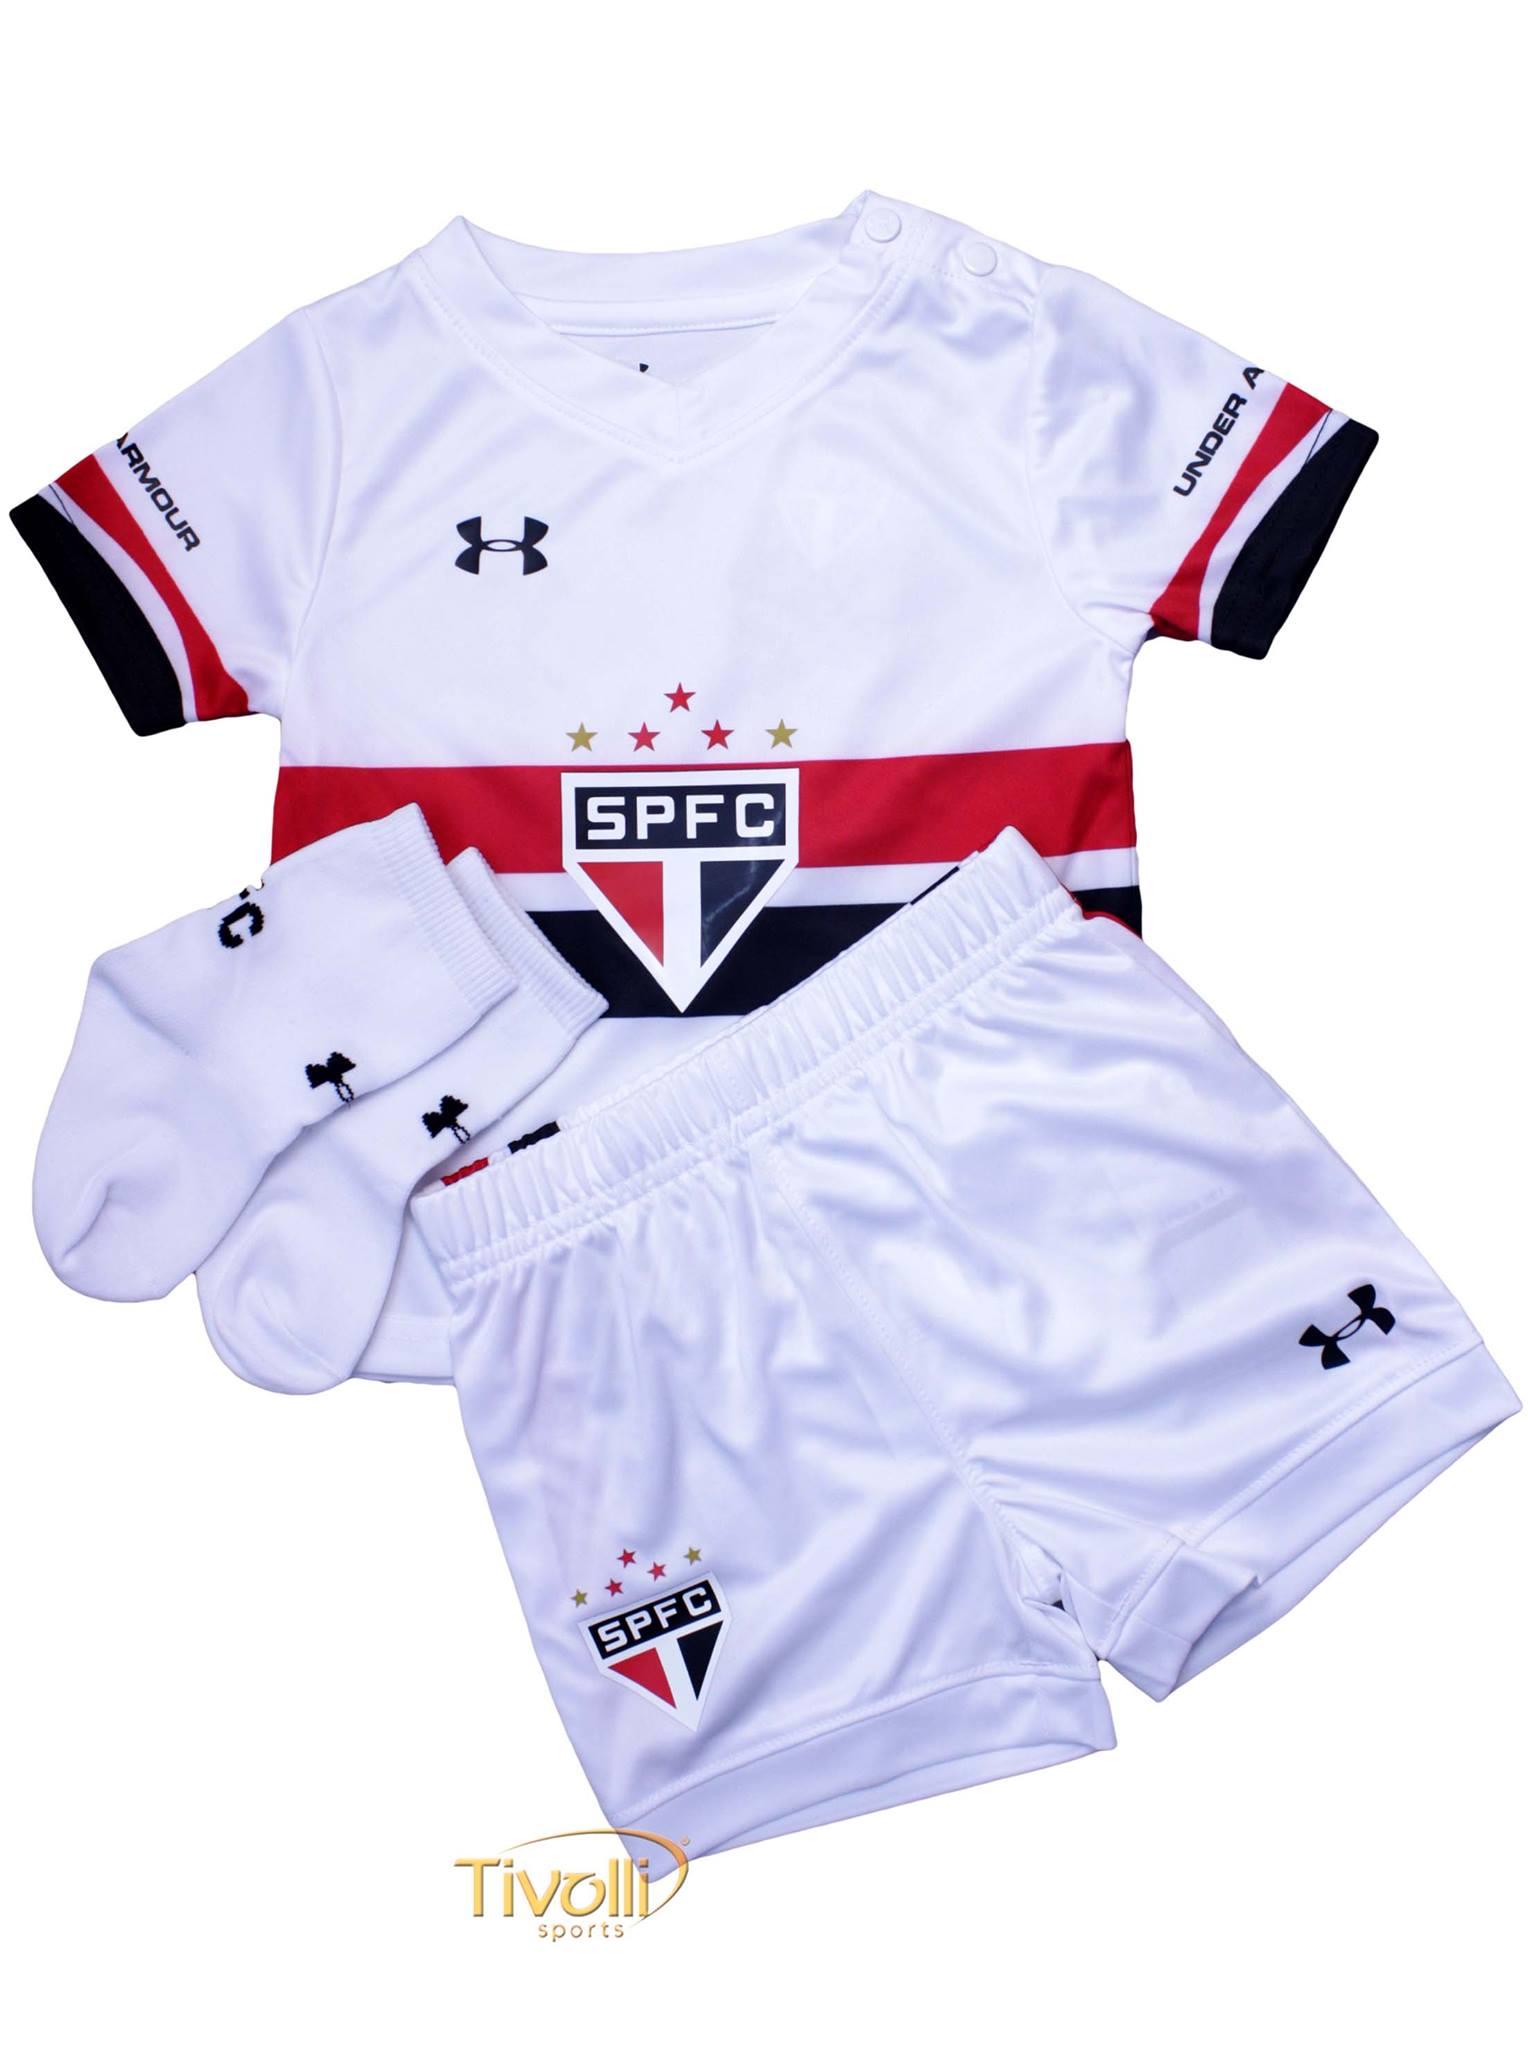 876f436fe Kit Infantil São Paulo I Under Armour 2016/17 Branco, vermelho e preto 2 a  4 anos